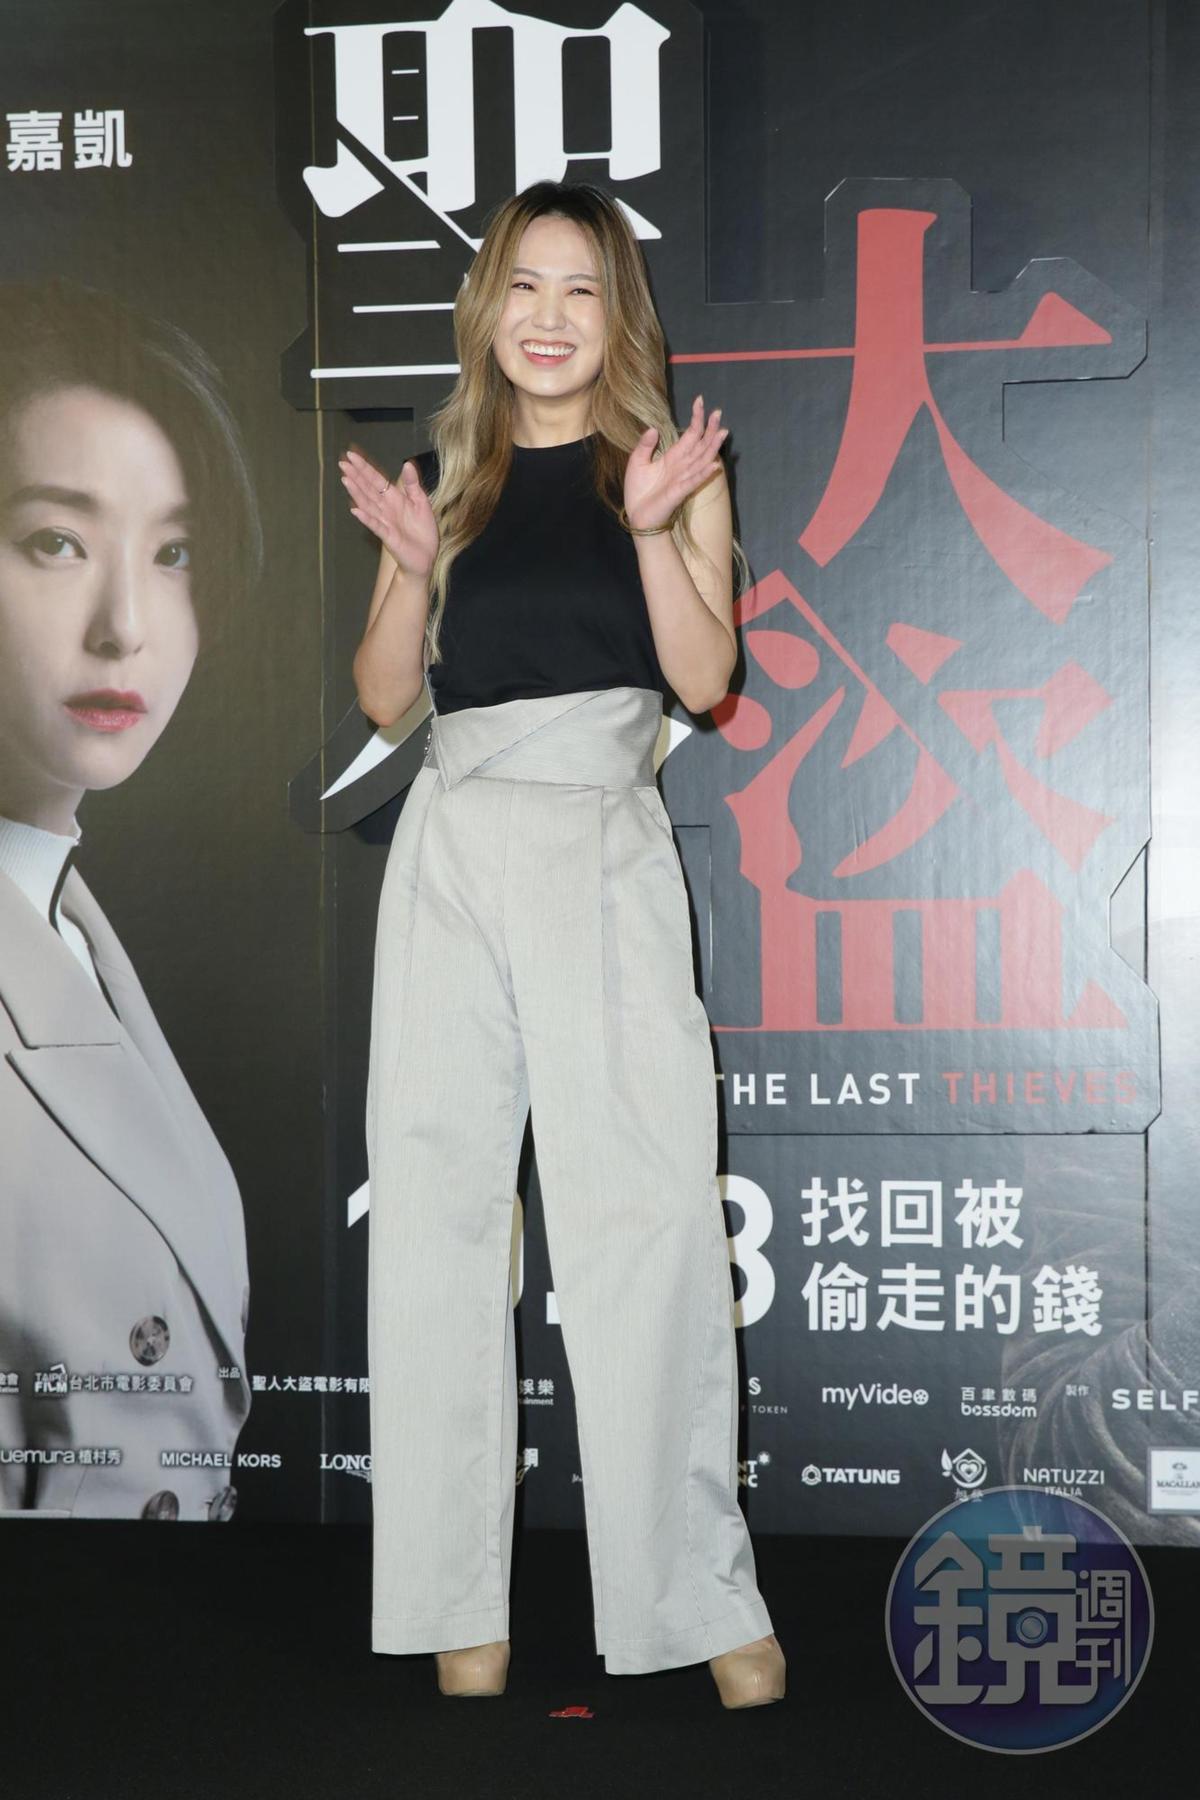 孫盛希為電影演唱主題曲,她也預告了自己將會有新作推出。